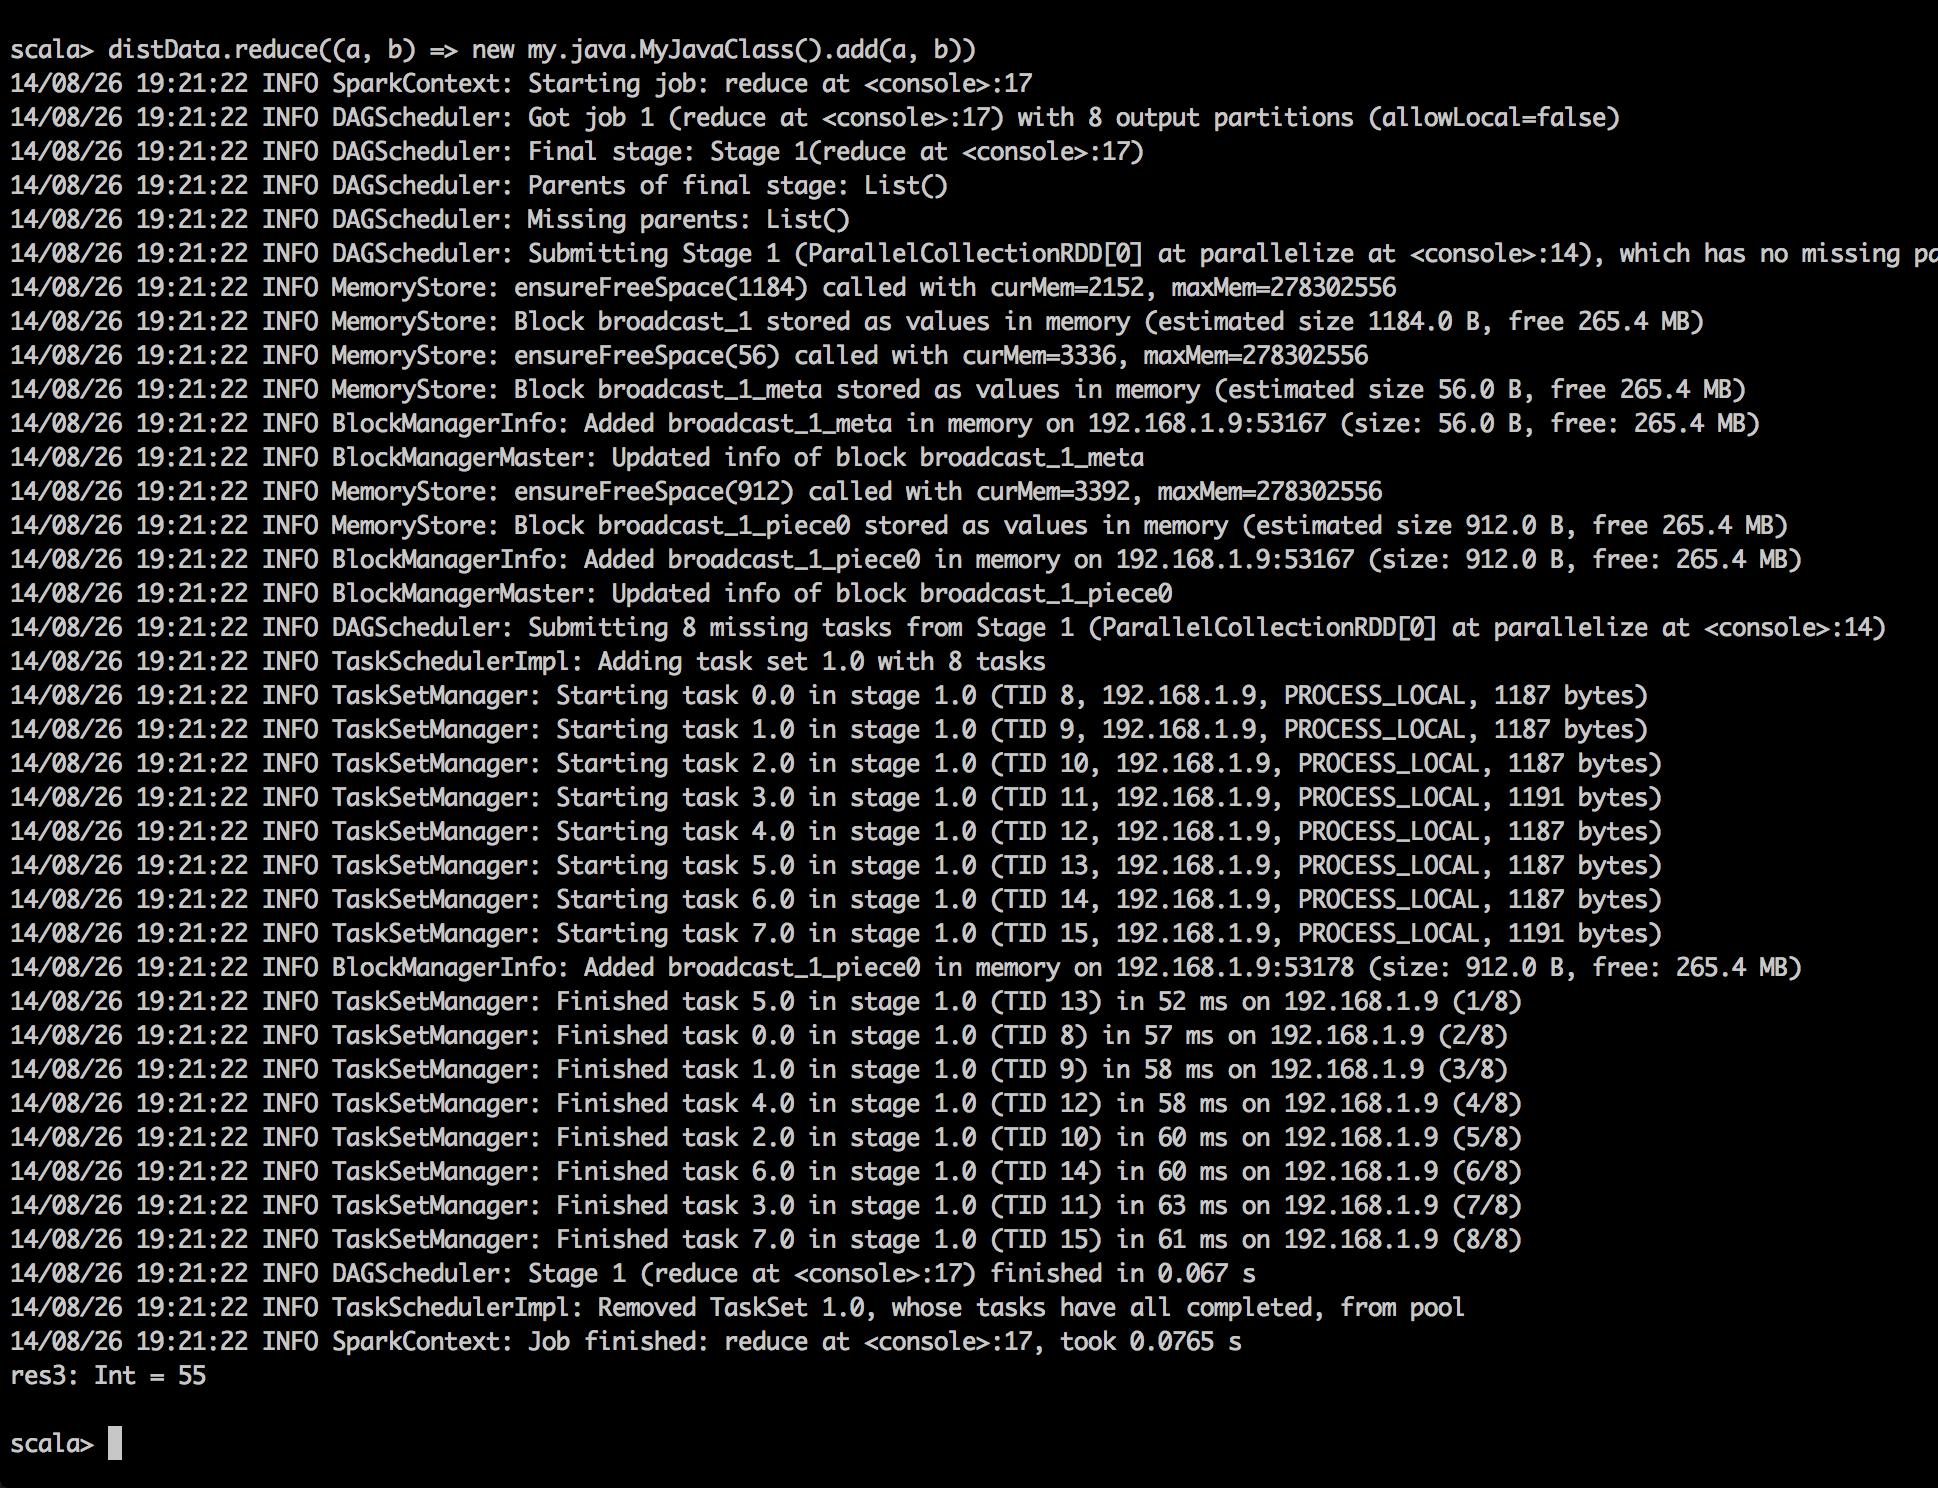 screen shot 2014-08-26 at 7 21 30 pm